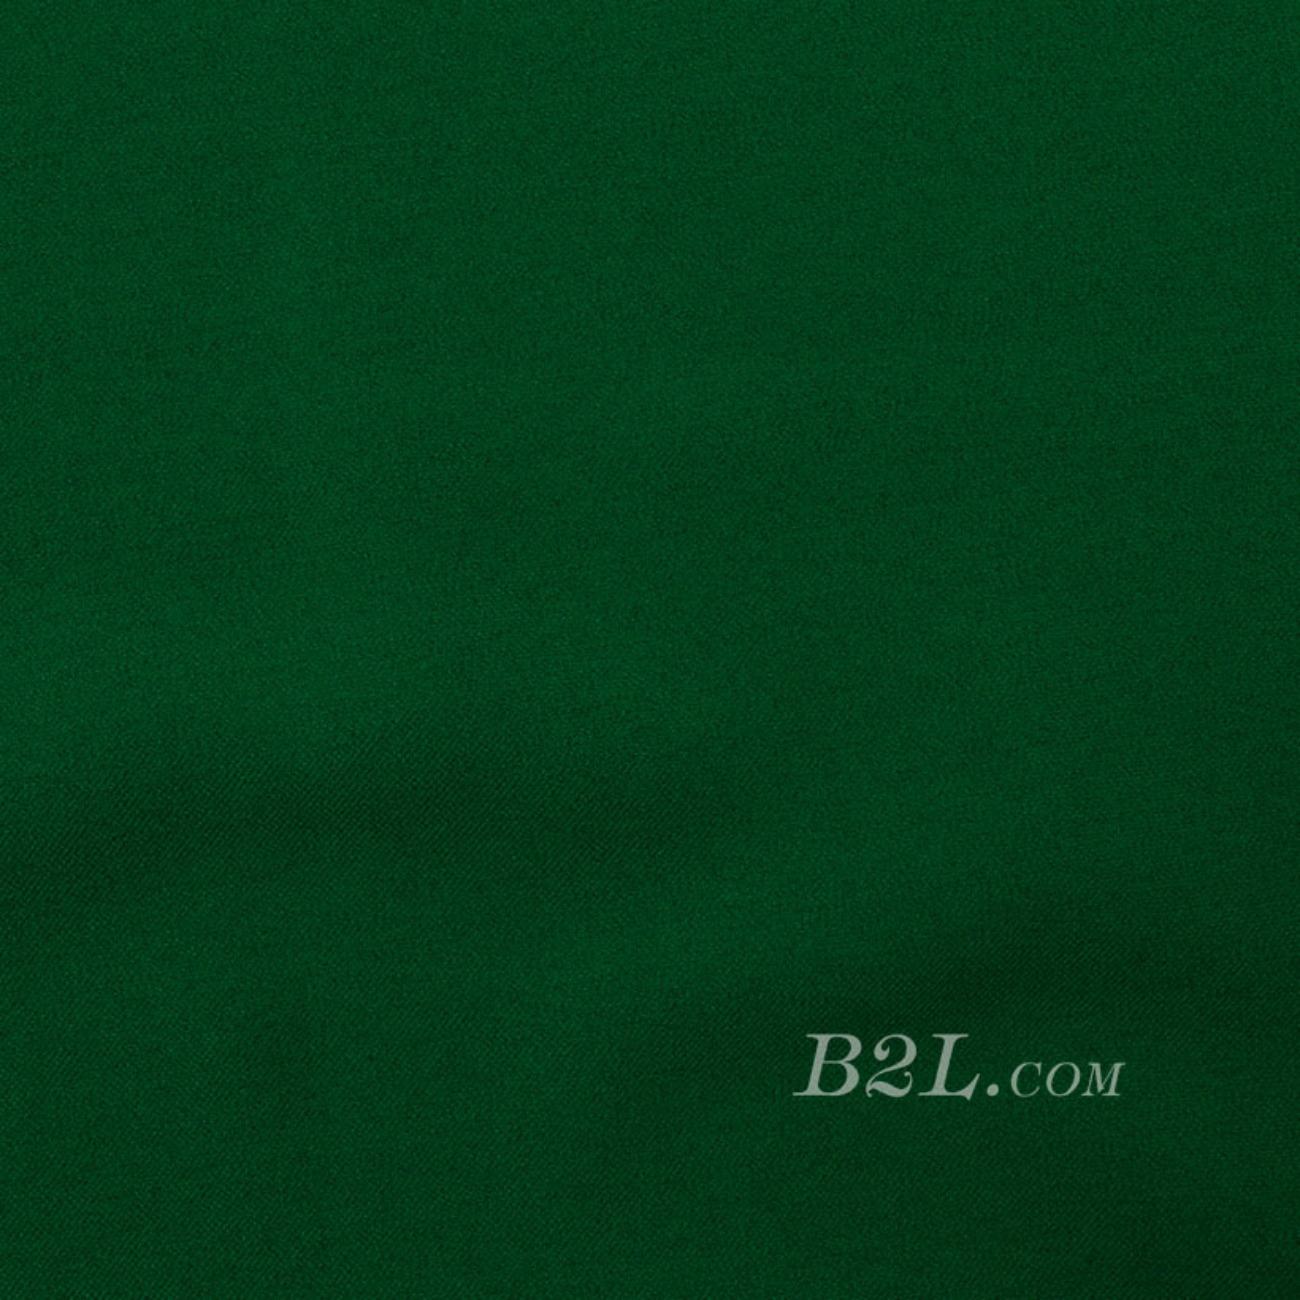 现货 素色 梭织 斜纹 弹力 染色 春秋 连衣裙 外套 女装 80512-1